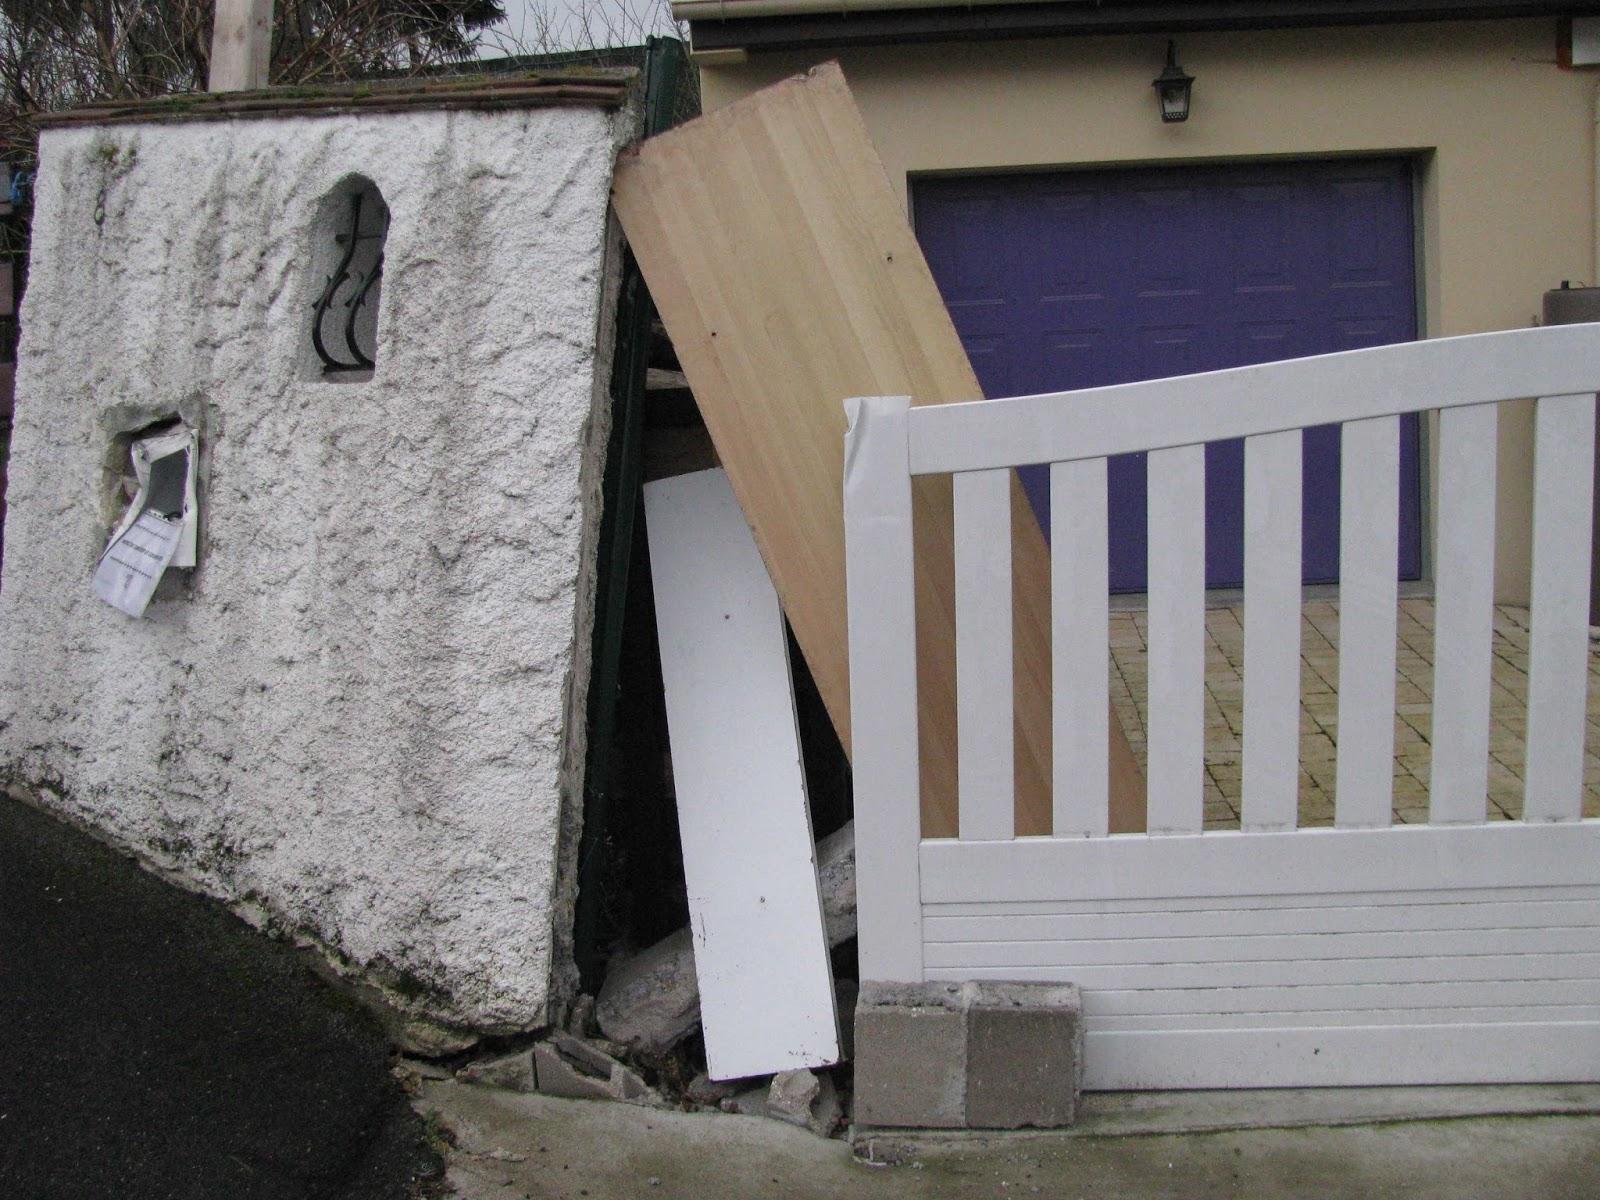 je fais construire ma maison un dr le d 39 accident 1 8. Black Bedroom Furniture Sets. Home Design Ideas